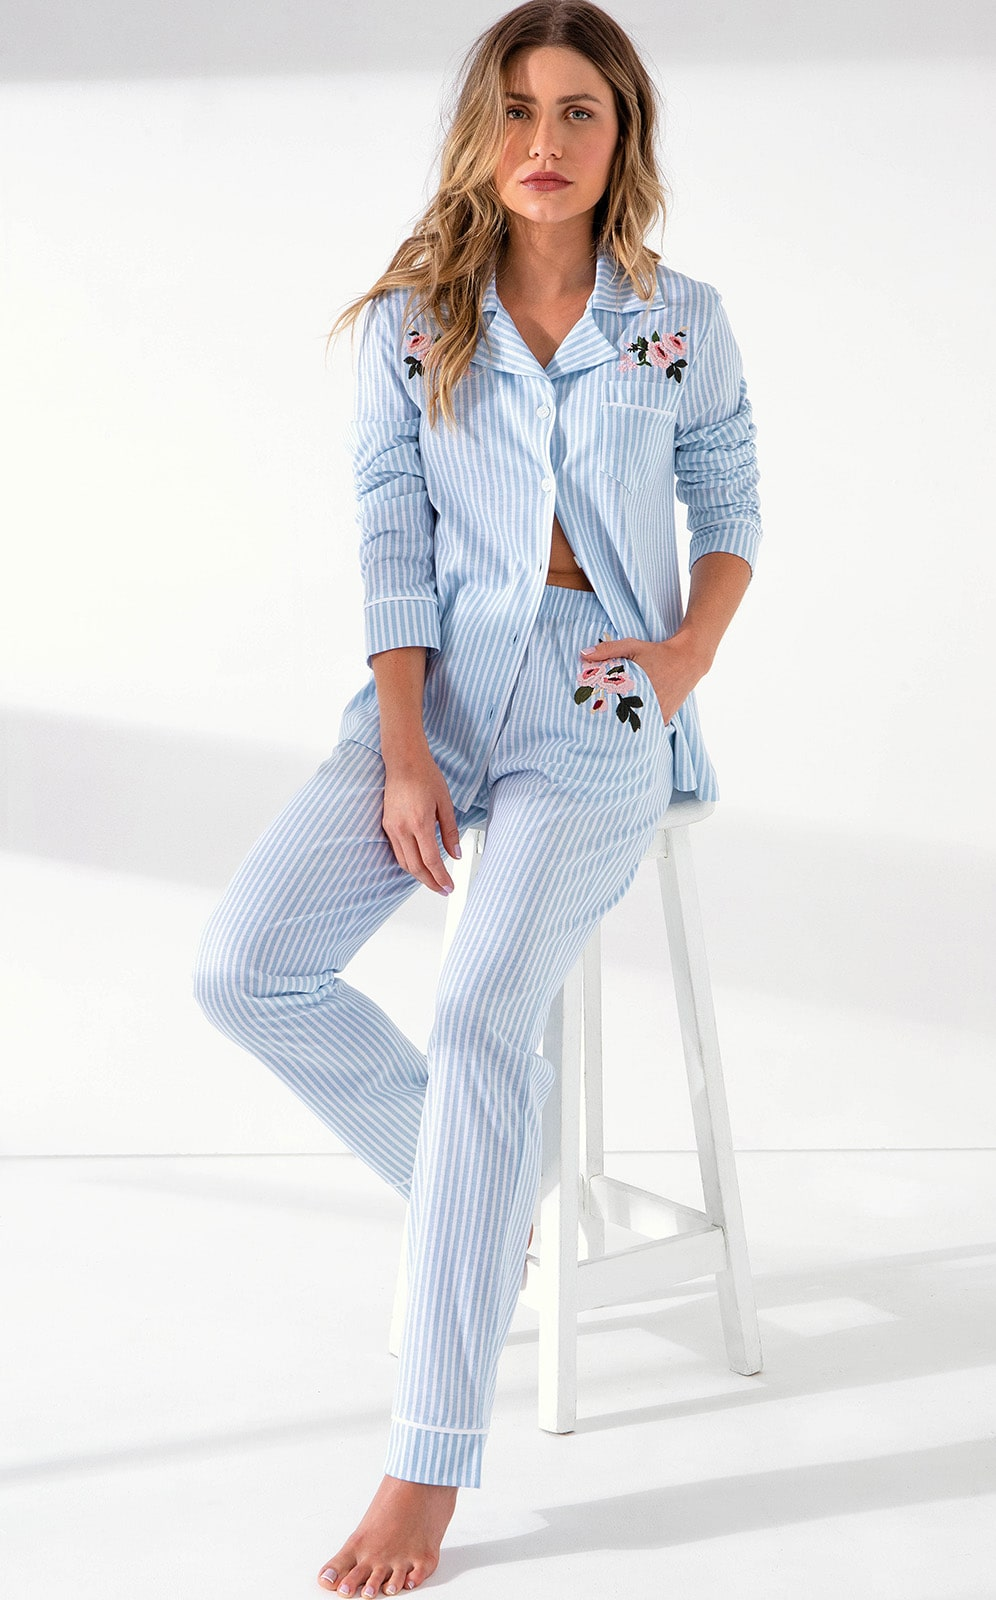 Pijama Feminino Mixte Cardigan com calça listrado Azul bebe  em Algodão Premium 9668